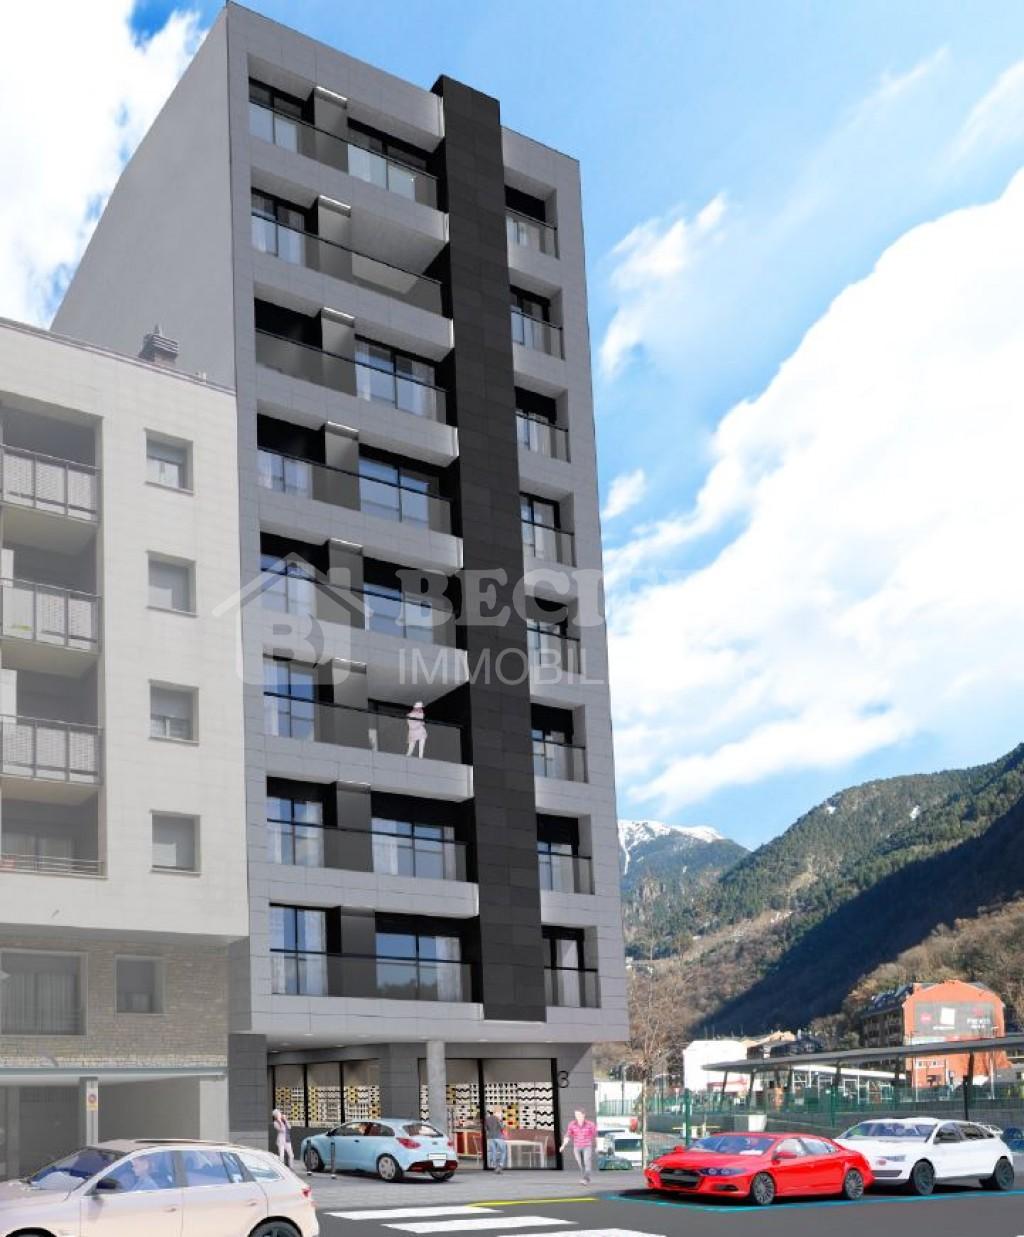 Pis en venda a Andorra la Vella, 1 habitació, 61 metres